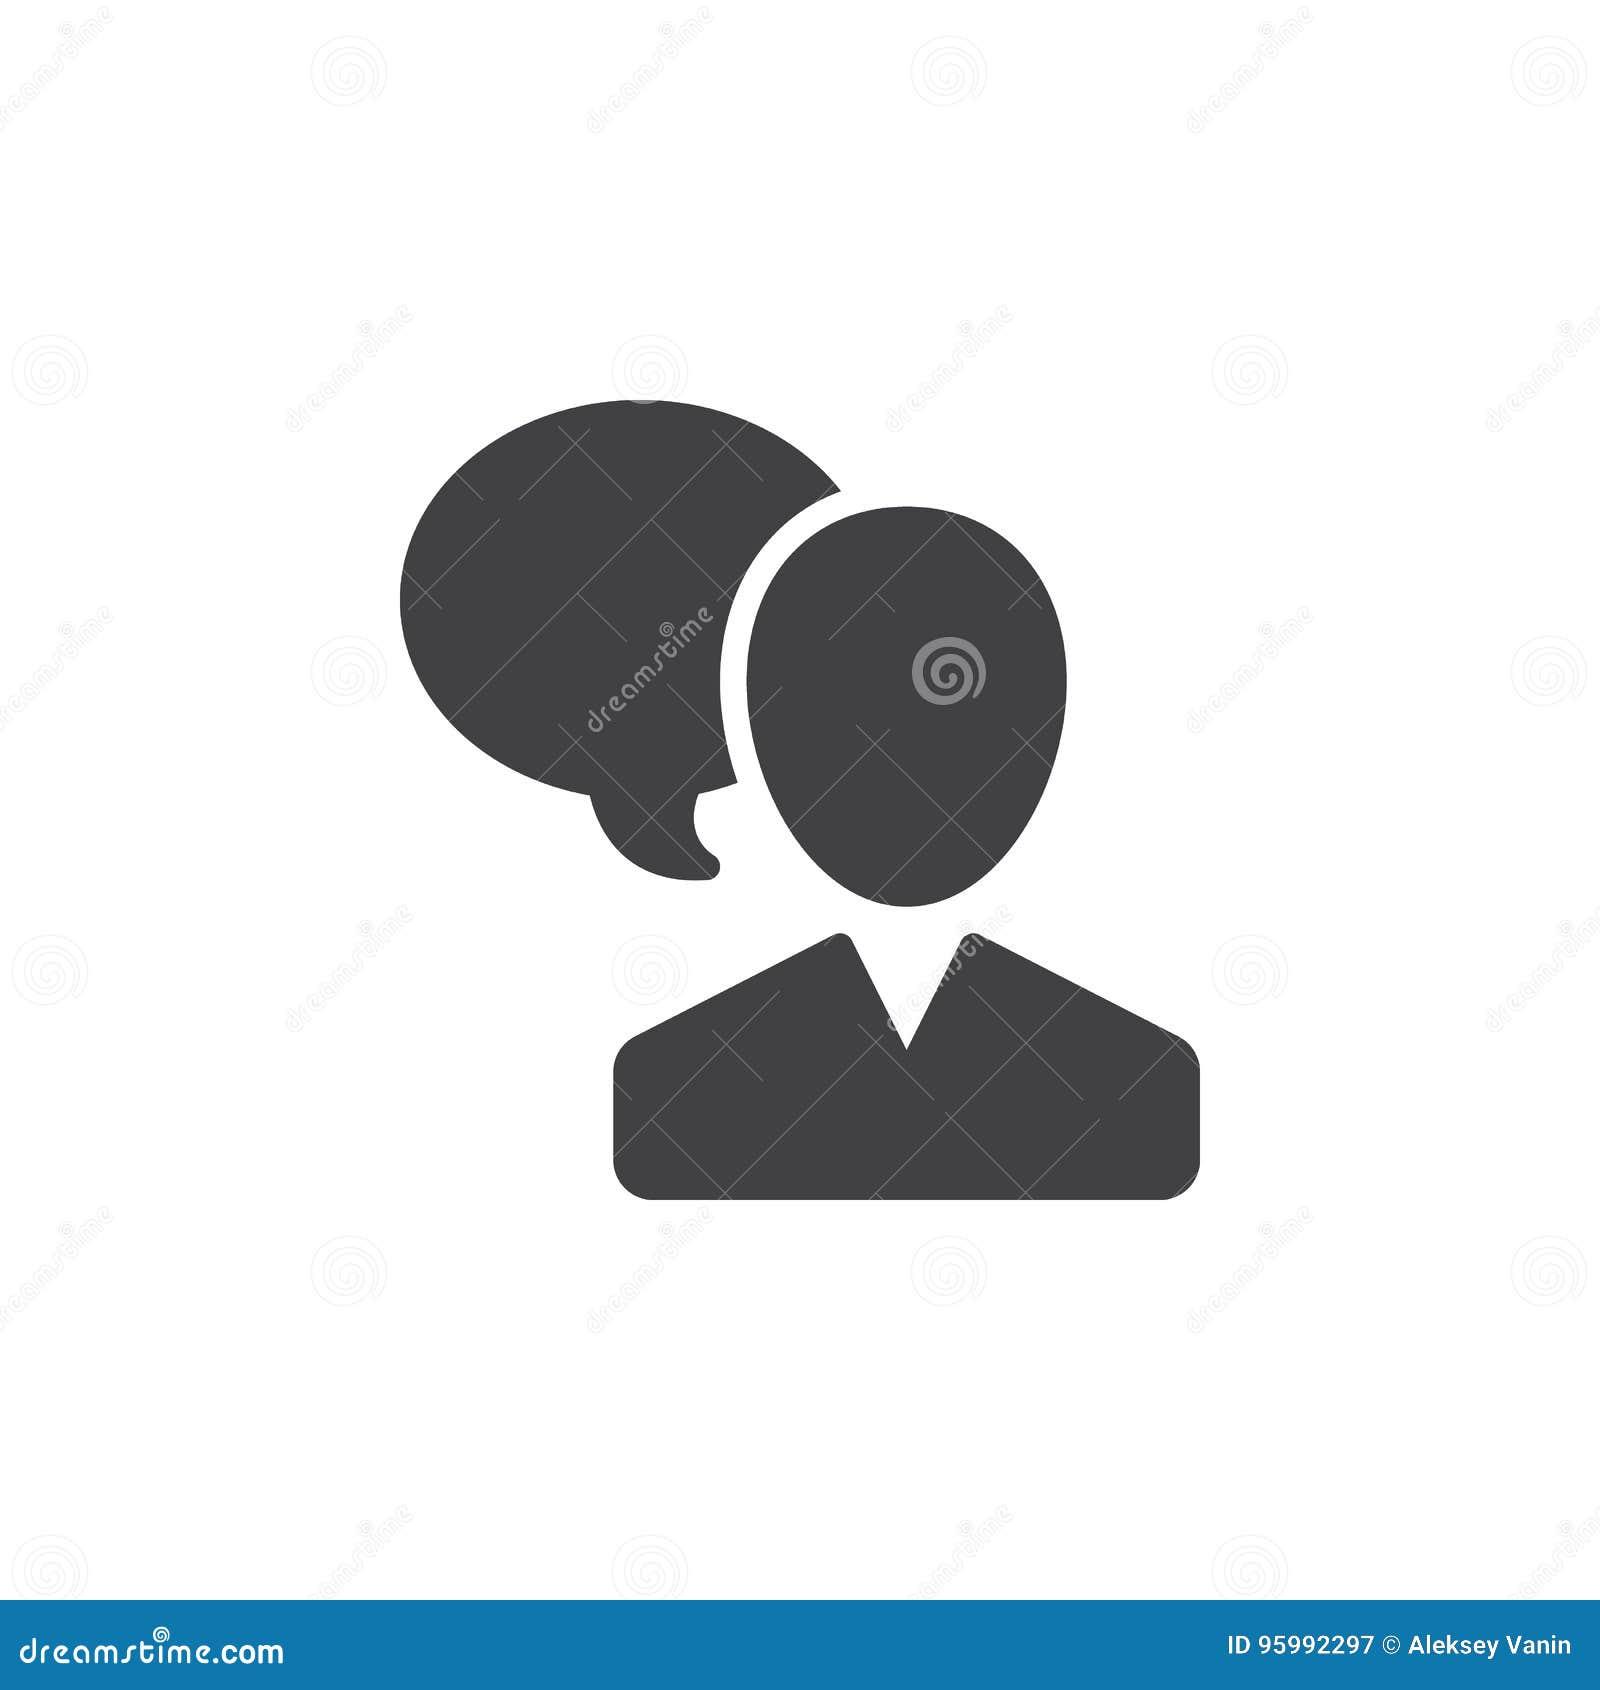 Ο χρήστης και η λεκτική φυσαλίδα, διάνυσμα εικονιδίων ομιλίας προσώπων, γέμισαν το επίπεδο σημάδι, στερεό εικονόγραμμα που απομον